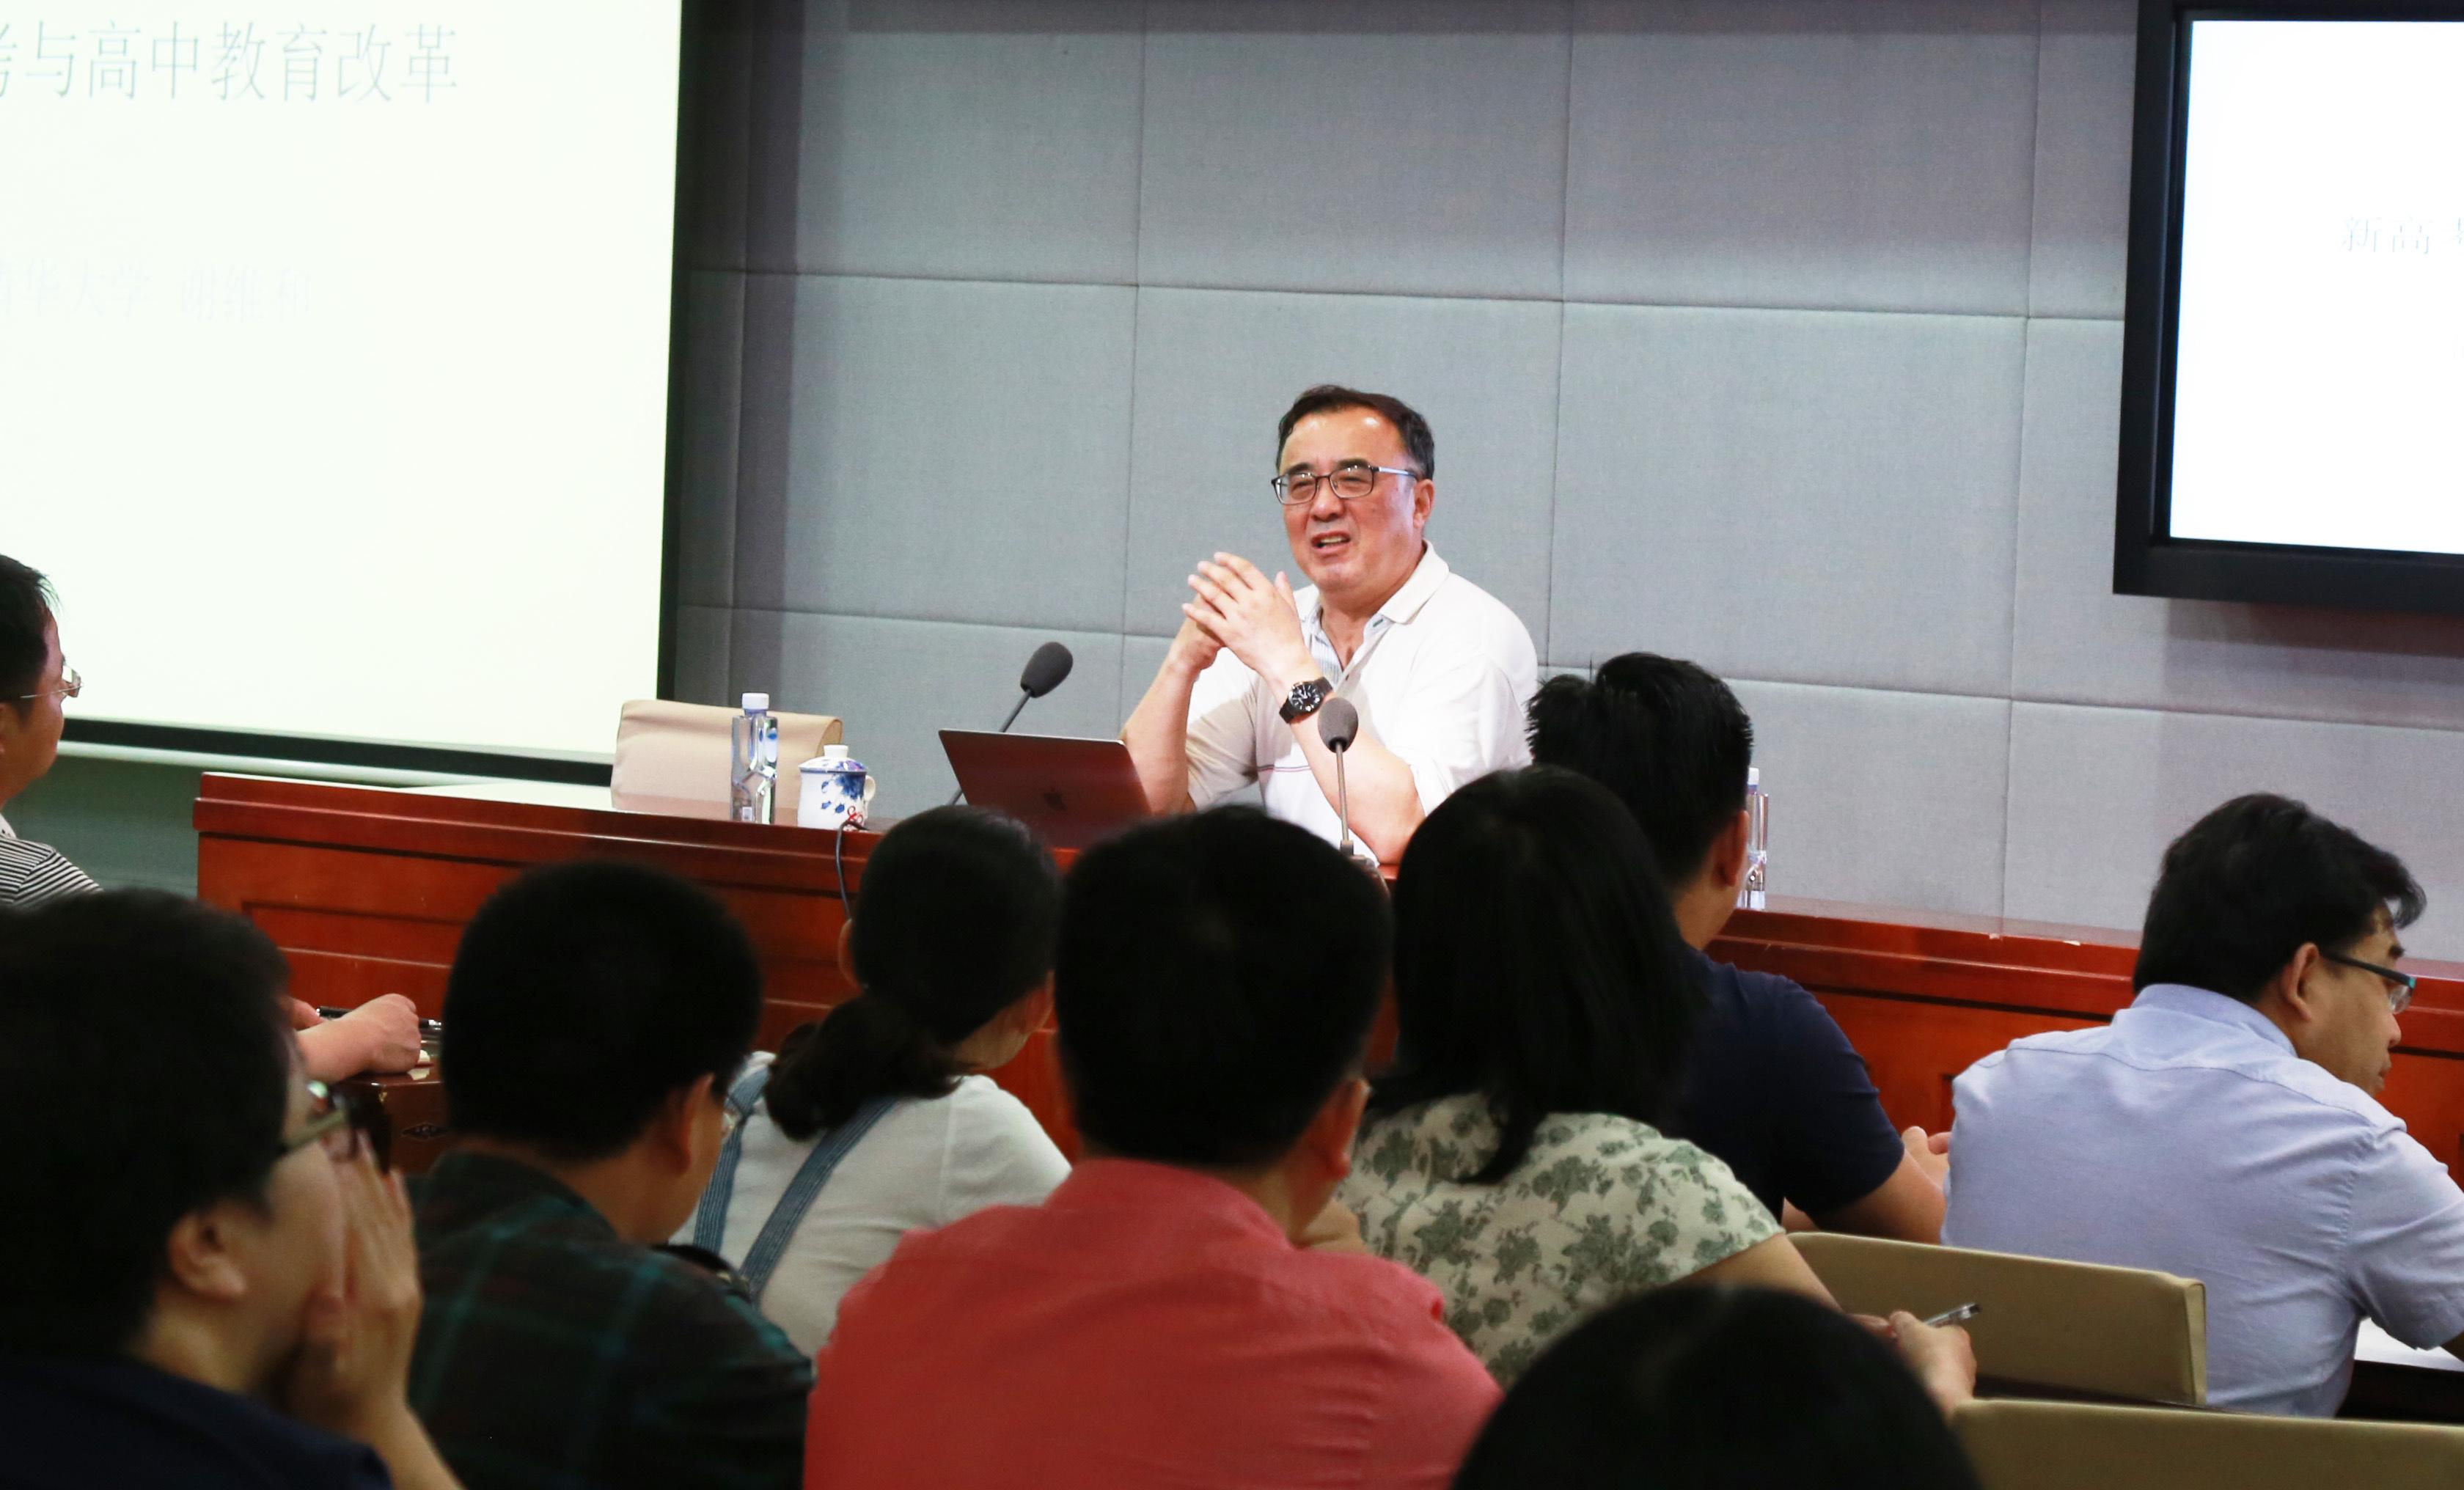 谢维和教授专题讲座:新高考要求学生增加自觉性,高中教育的主要责任是帮助学生认识自己  北京十二中  今天